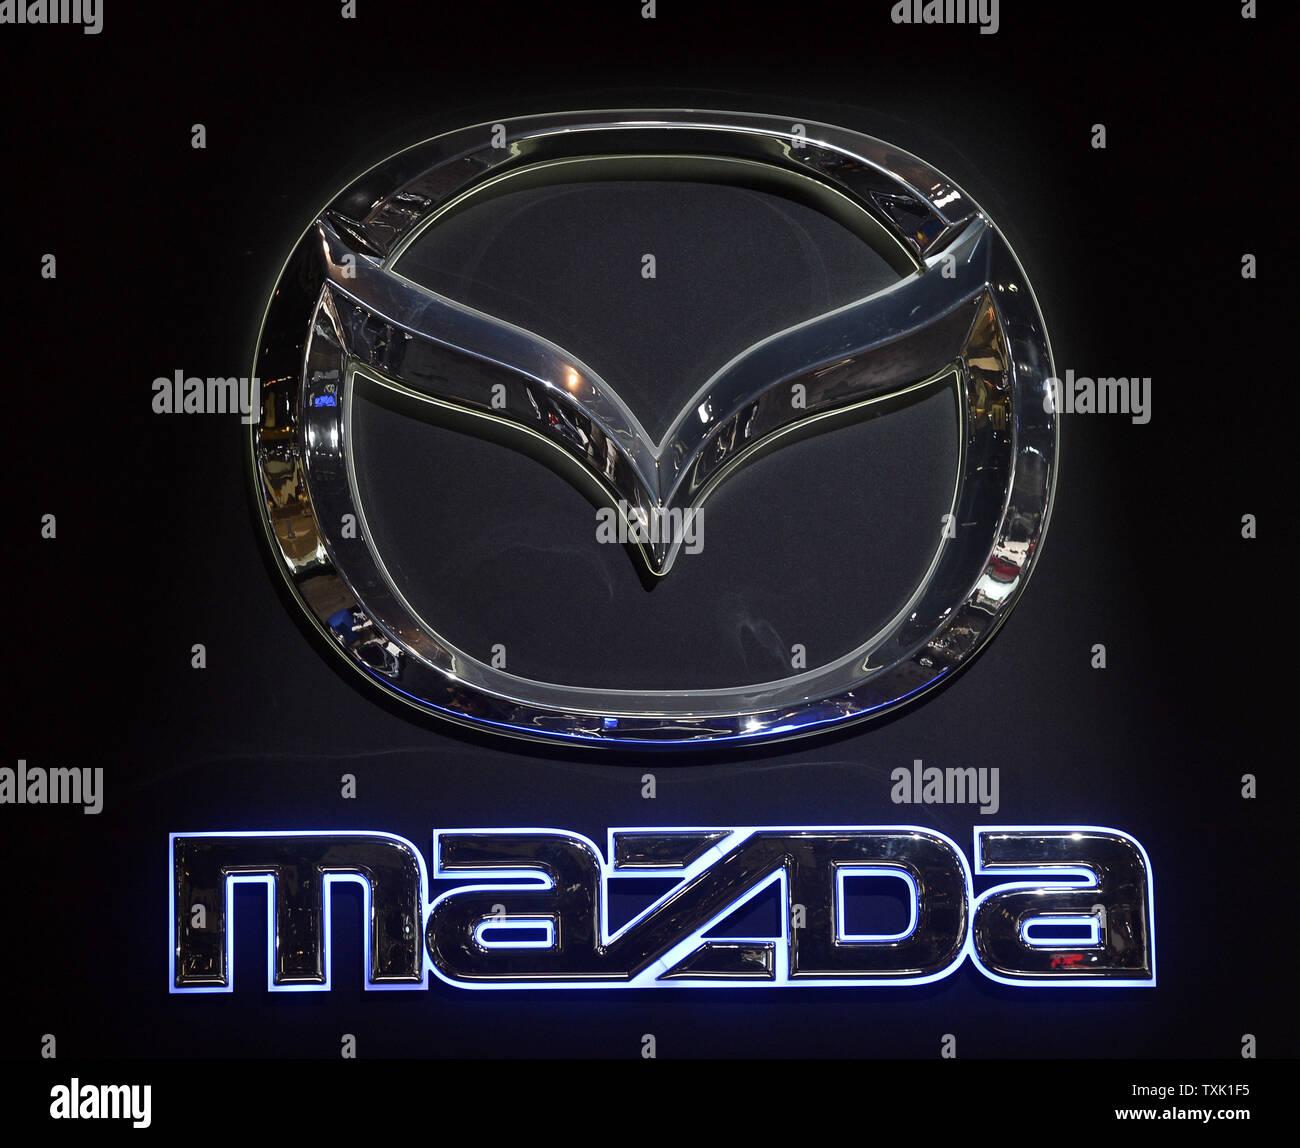 Mazda Logo Stock Photos & Mazda Logo Stock Images - Alamy